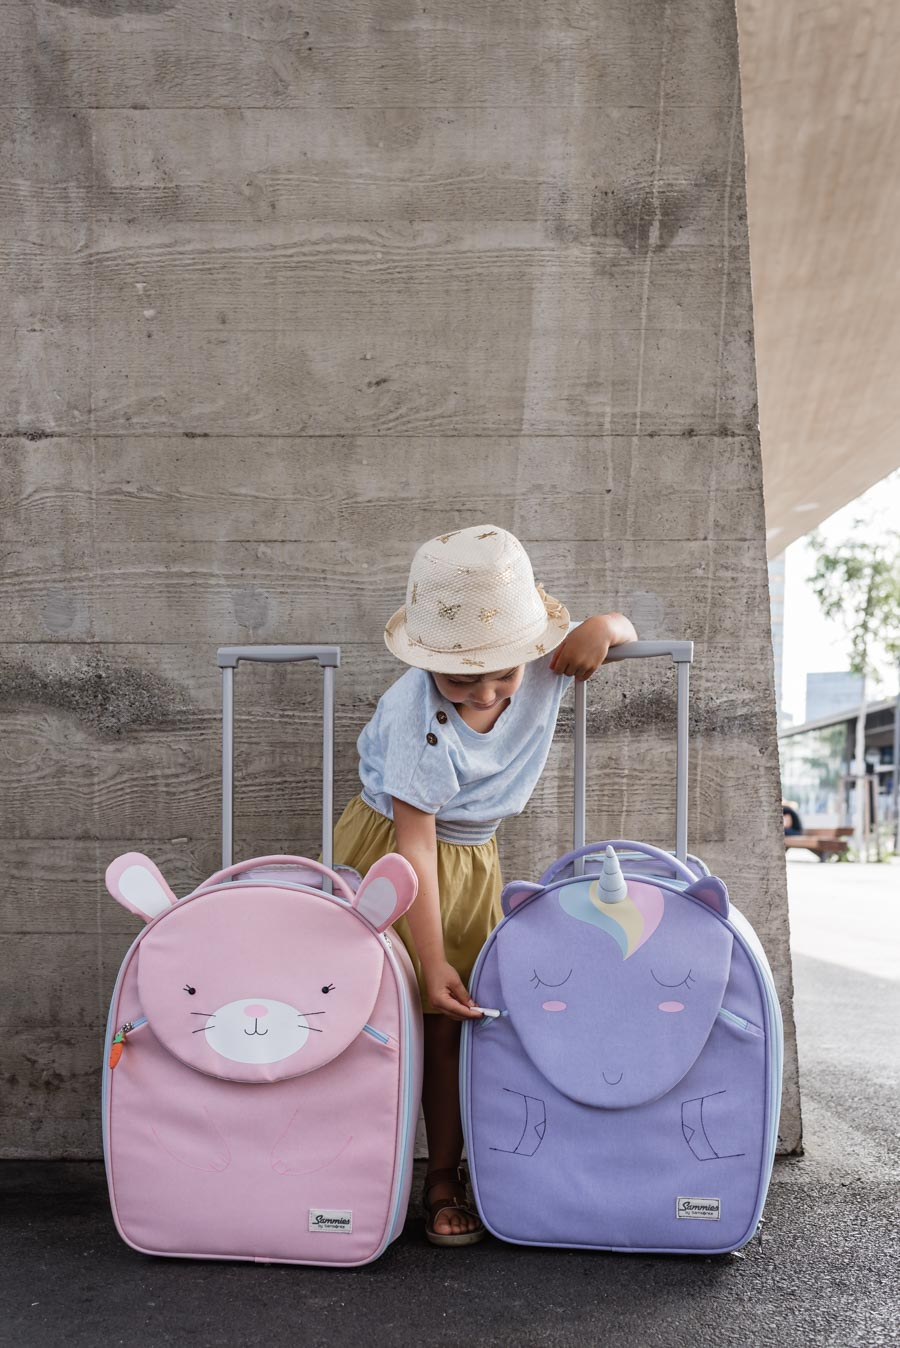 Liebdinge für die Ferien: Diese Kinderdinge packen wir in den Koffer #urlaubmitkindern #ferienmitkindern #familienurlaub #familienferien #familienzeit